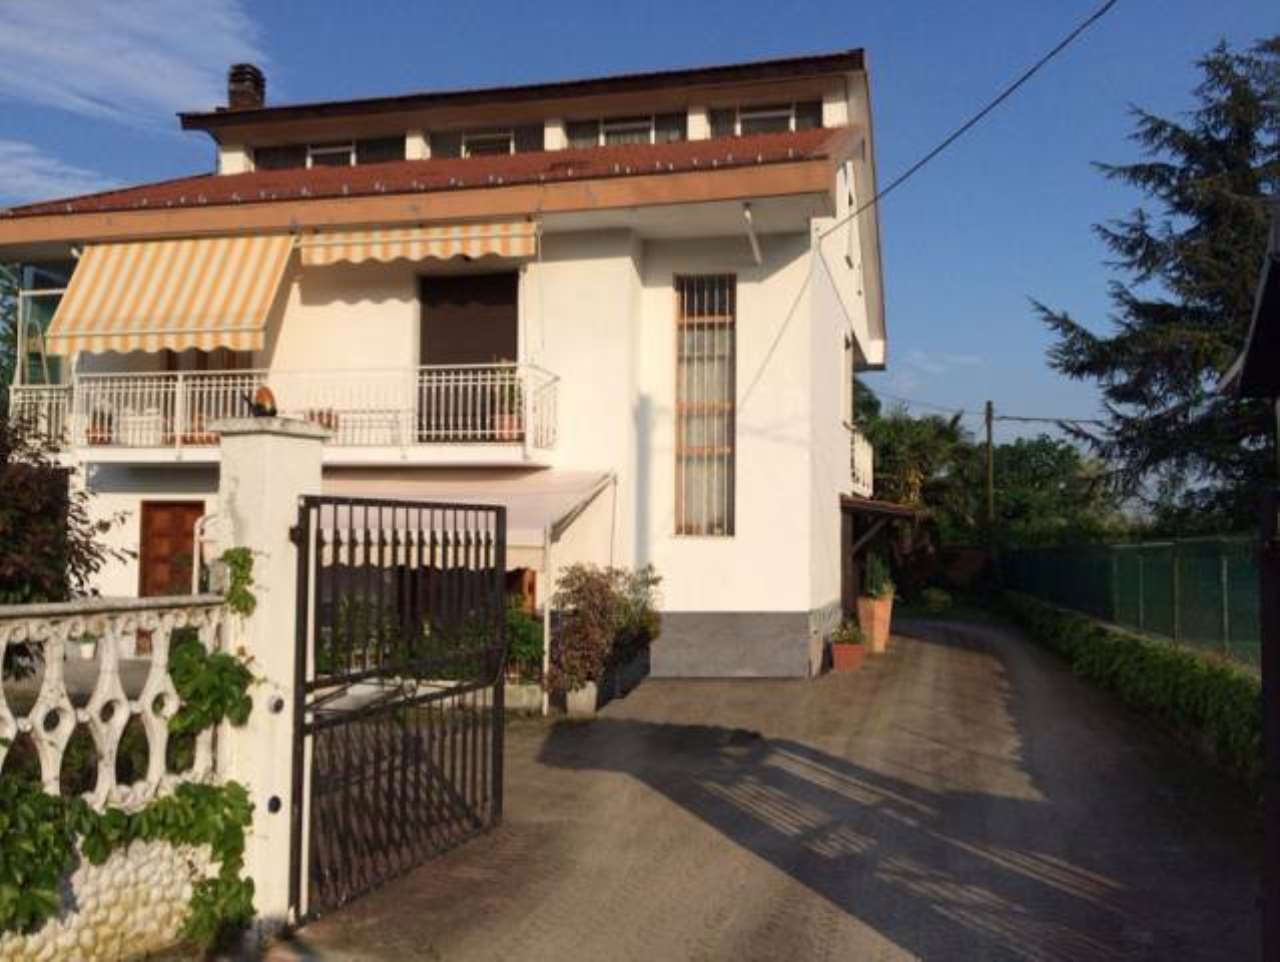 Soluzione Indipendente in vendita a Robassomero, 6 locali, prezzo € 295.000 | CambioCasa.it